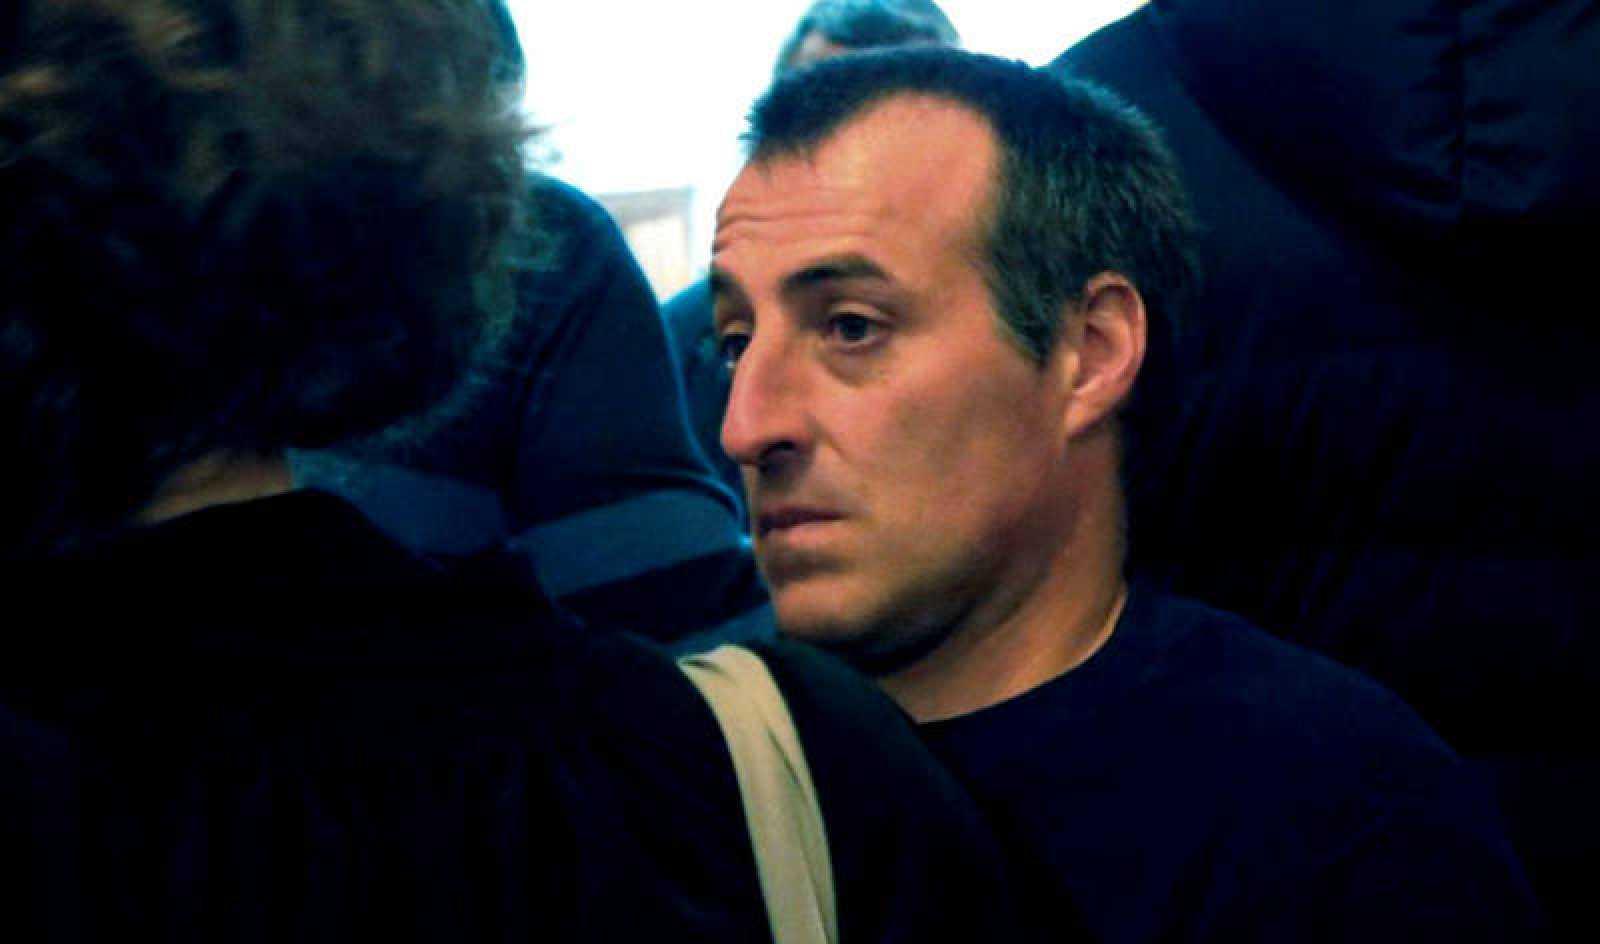 El exjefe de ETA David Pla, en libertad provisional